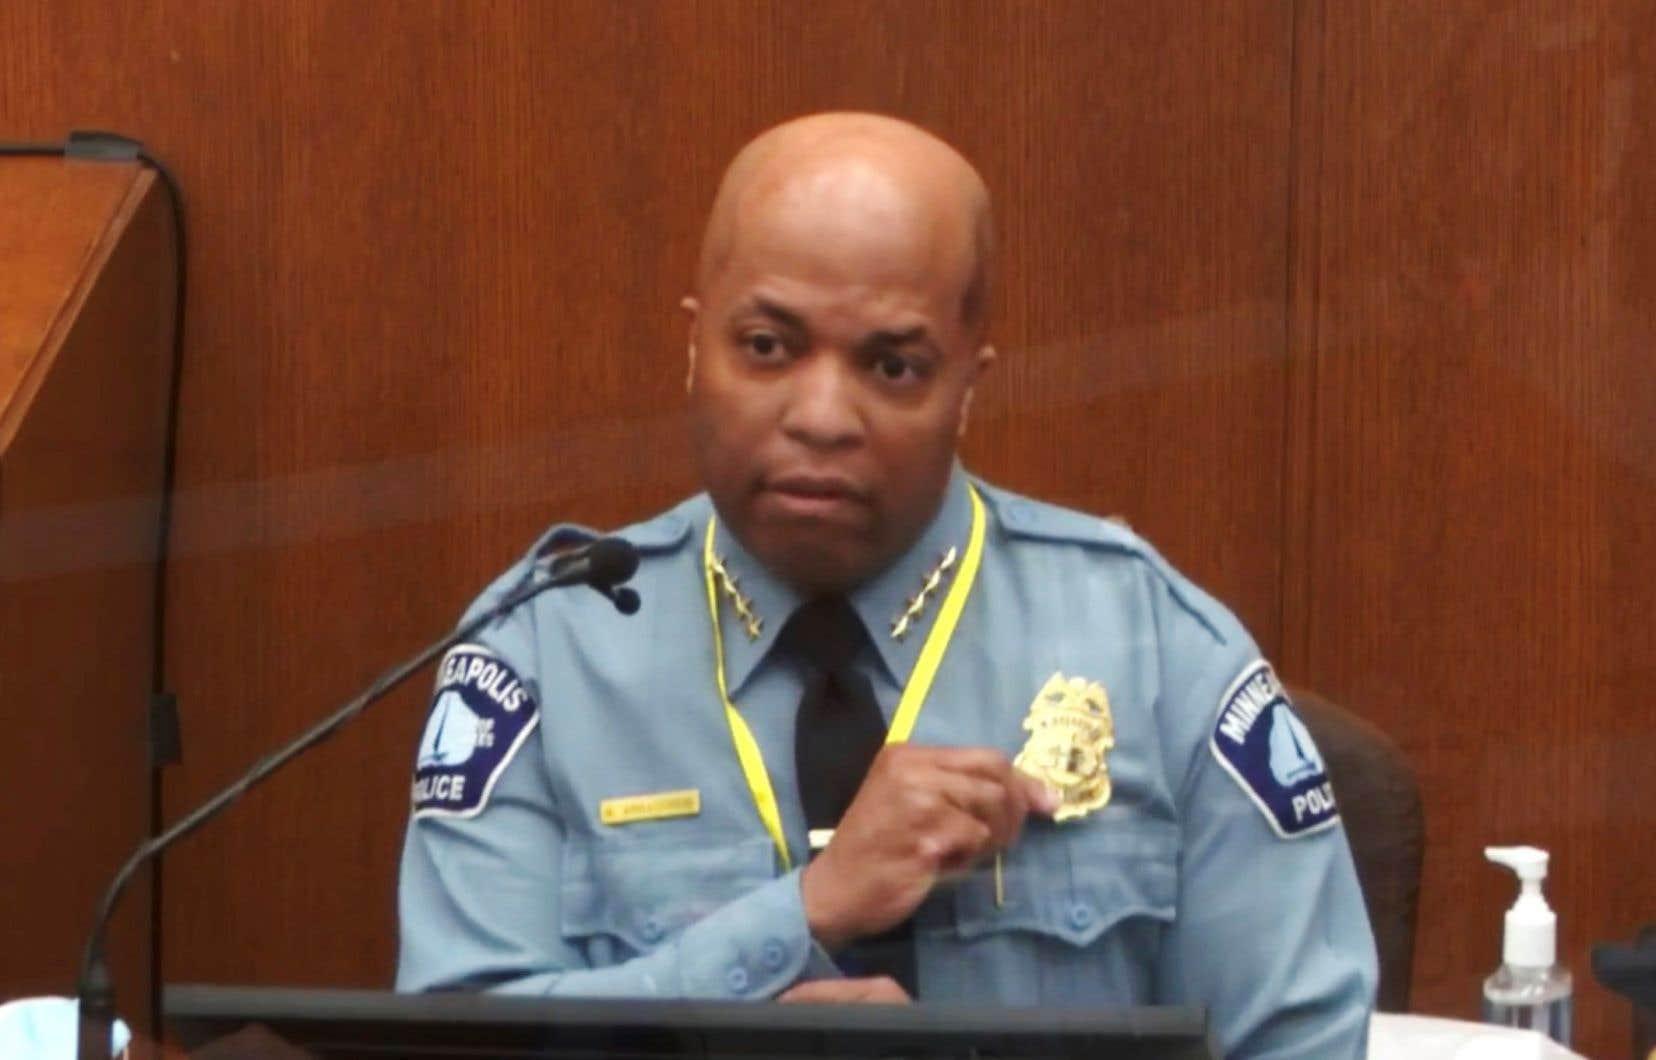 Medaria Arradondo, à la tête des services de police de Minneapolis, a insisté sur l'importance de traiter «avec compassion et dignité» les personnes, y compris les suspects.